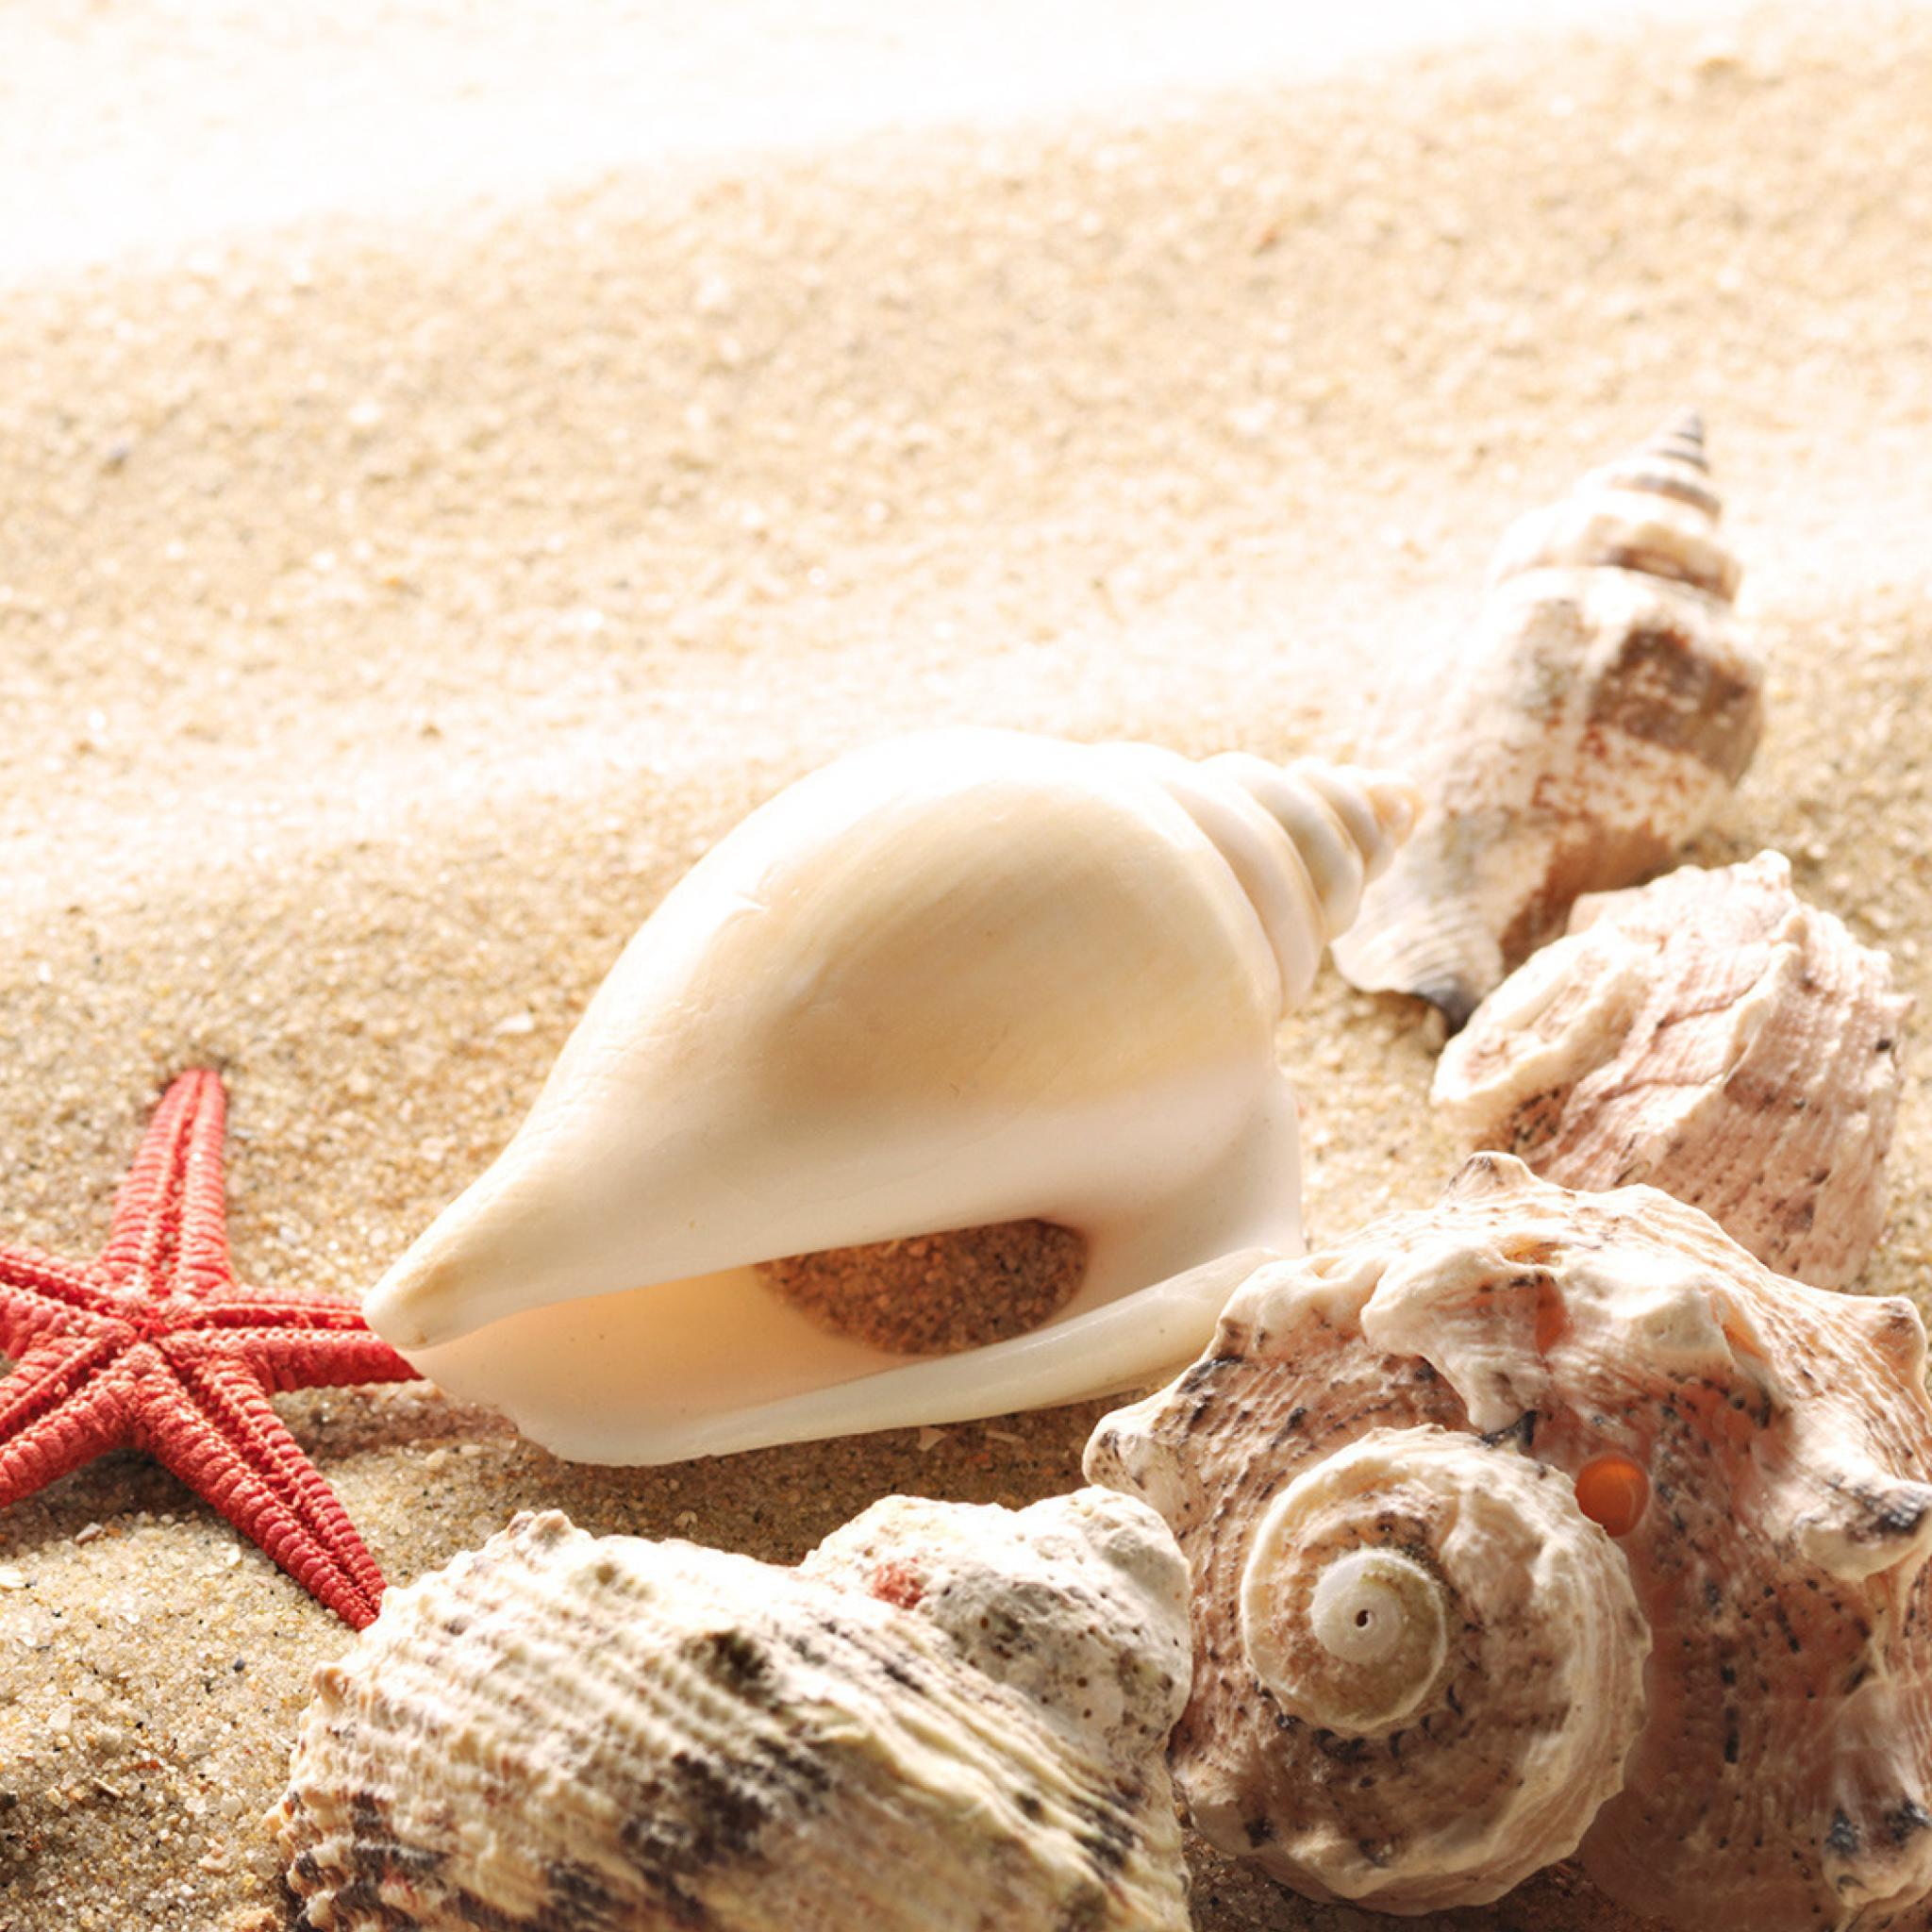 природа украшения морская звезда раковина бесплатно